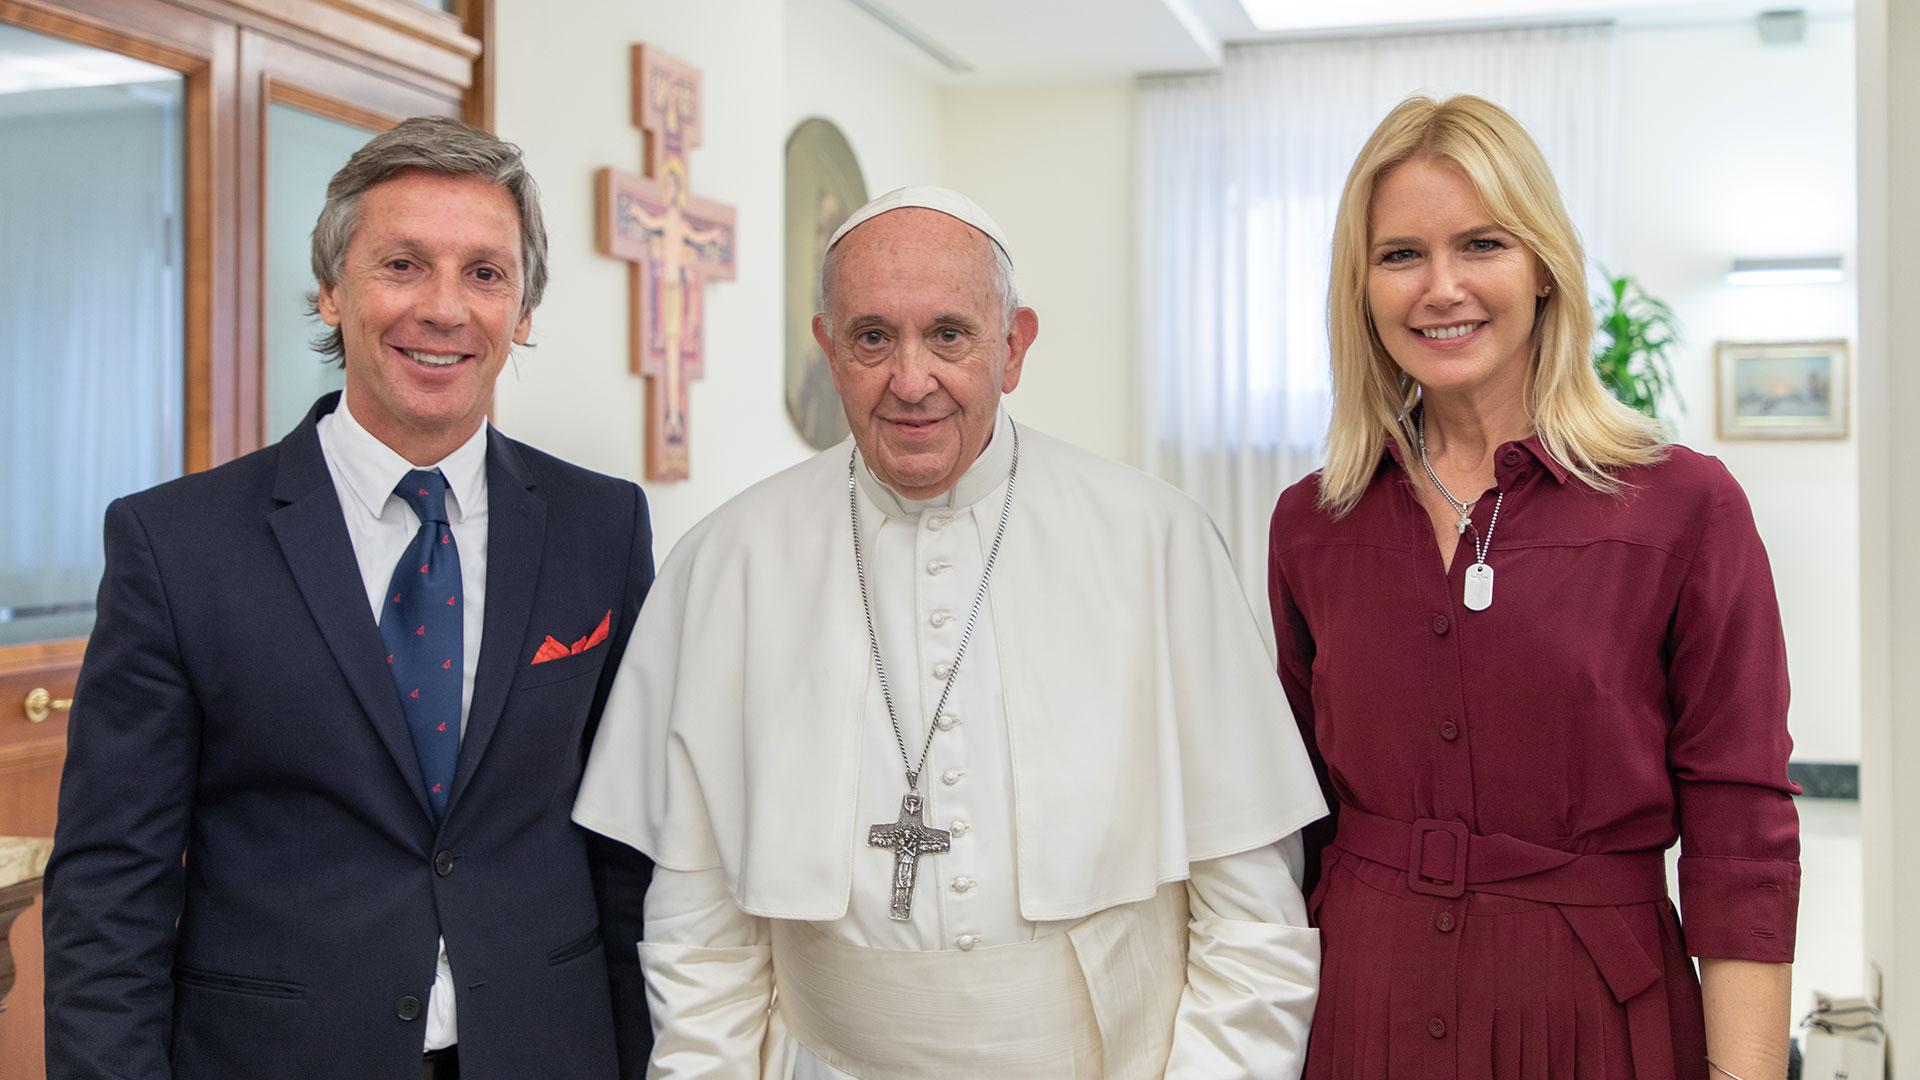 El empresario Alejandro Gravier, el Papa Francisco y Valeria Mazza mantuvieron una reunión de una hora